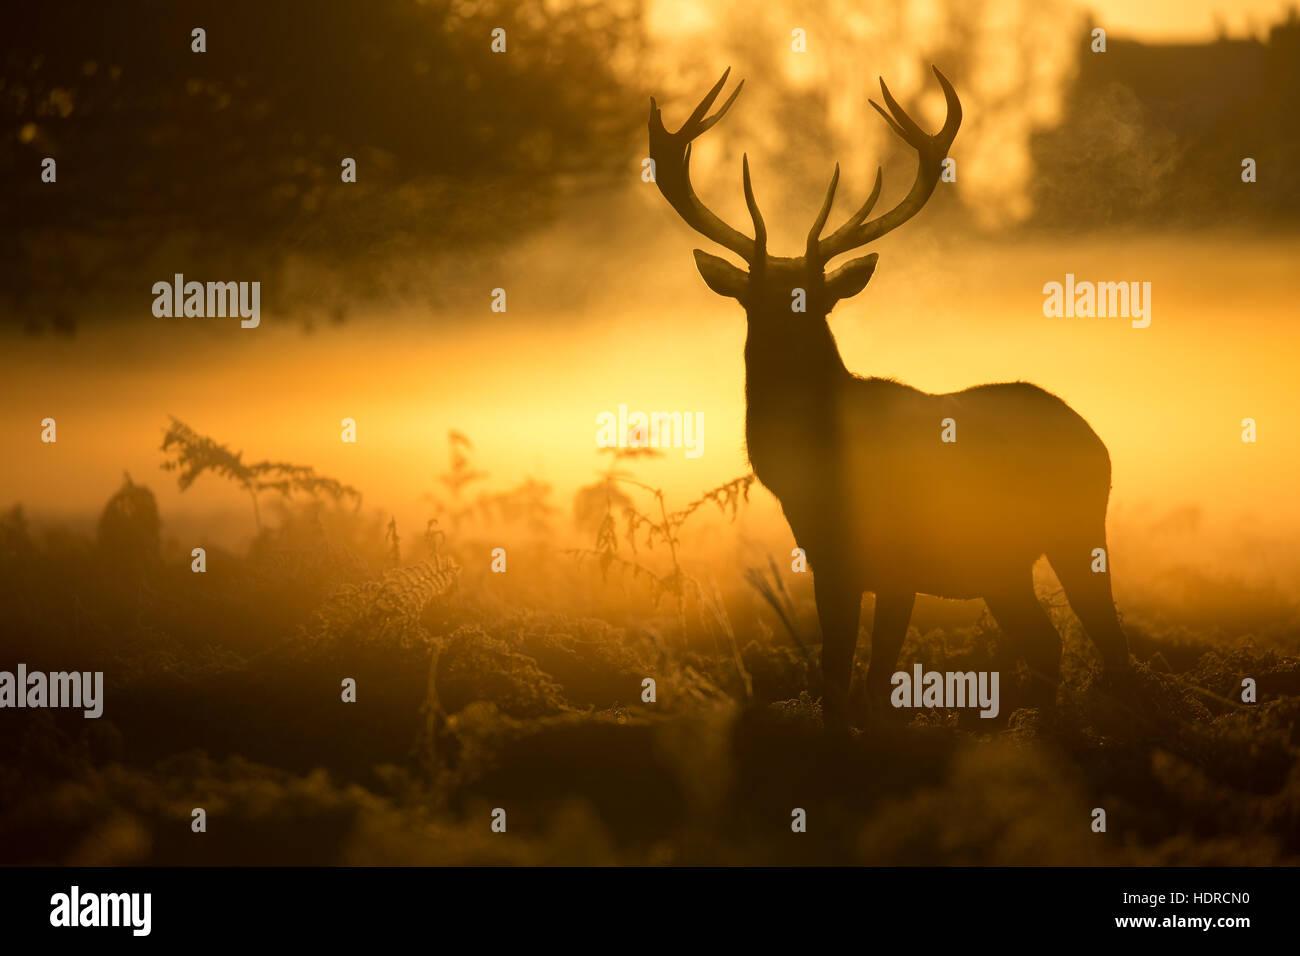 Eine beeindruckende Hirsch Silhouette durch einen herrlichen goldenen Sonnenaufgang in Bushy Park Stockbild